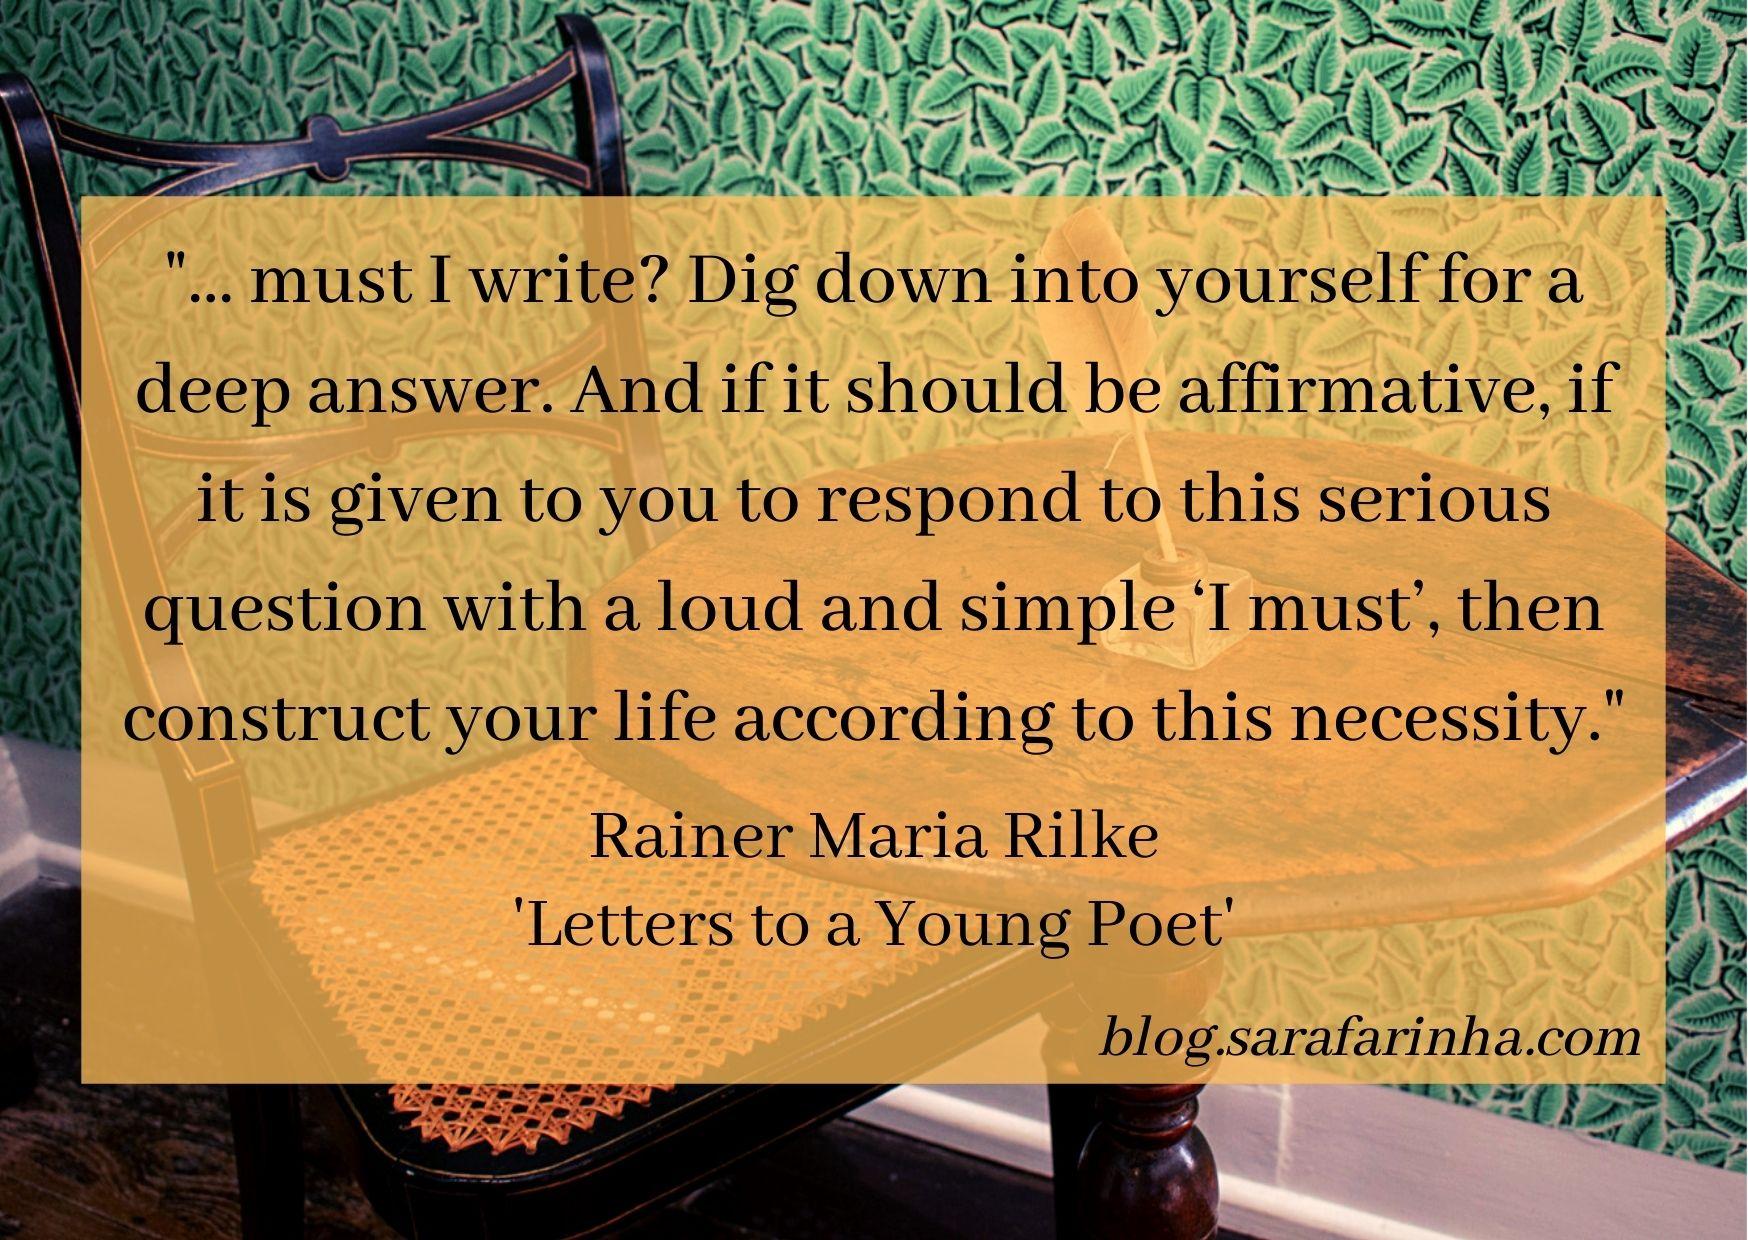 must I write Rilke